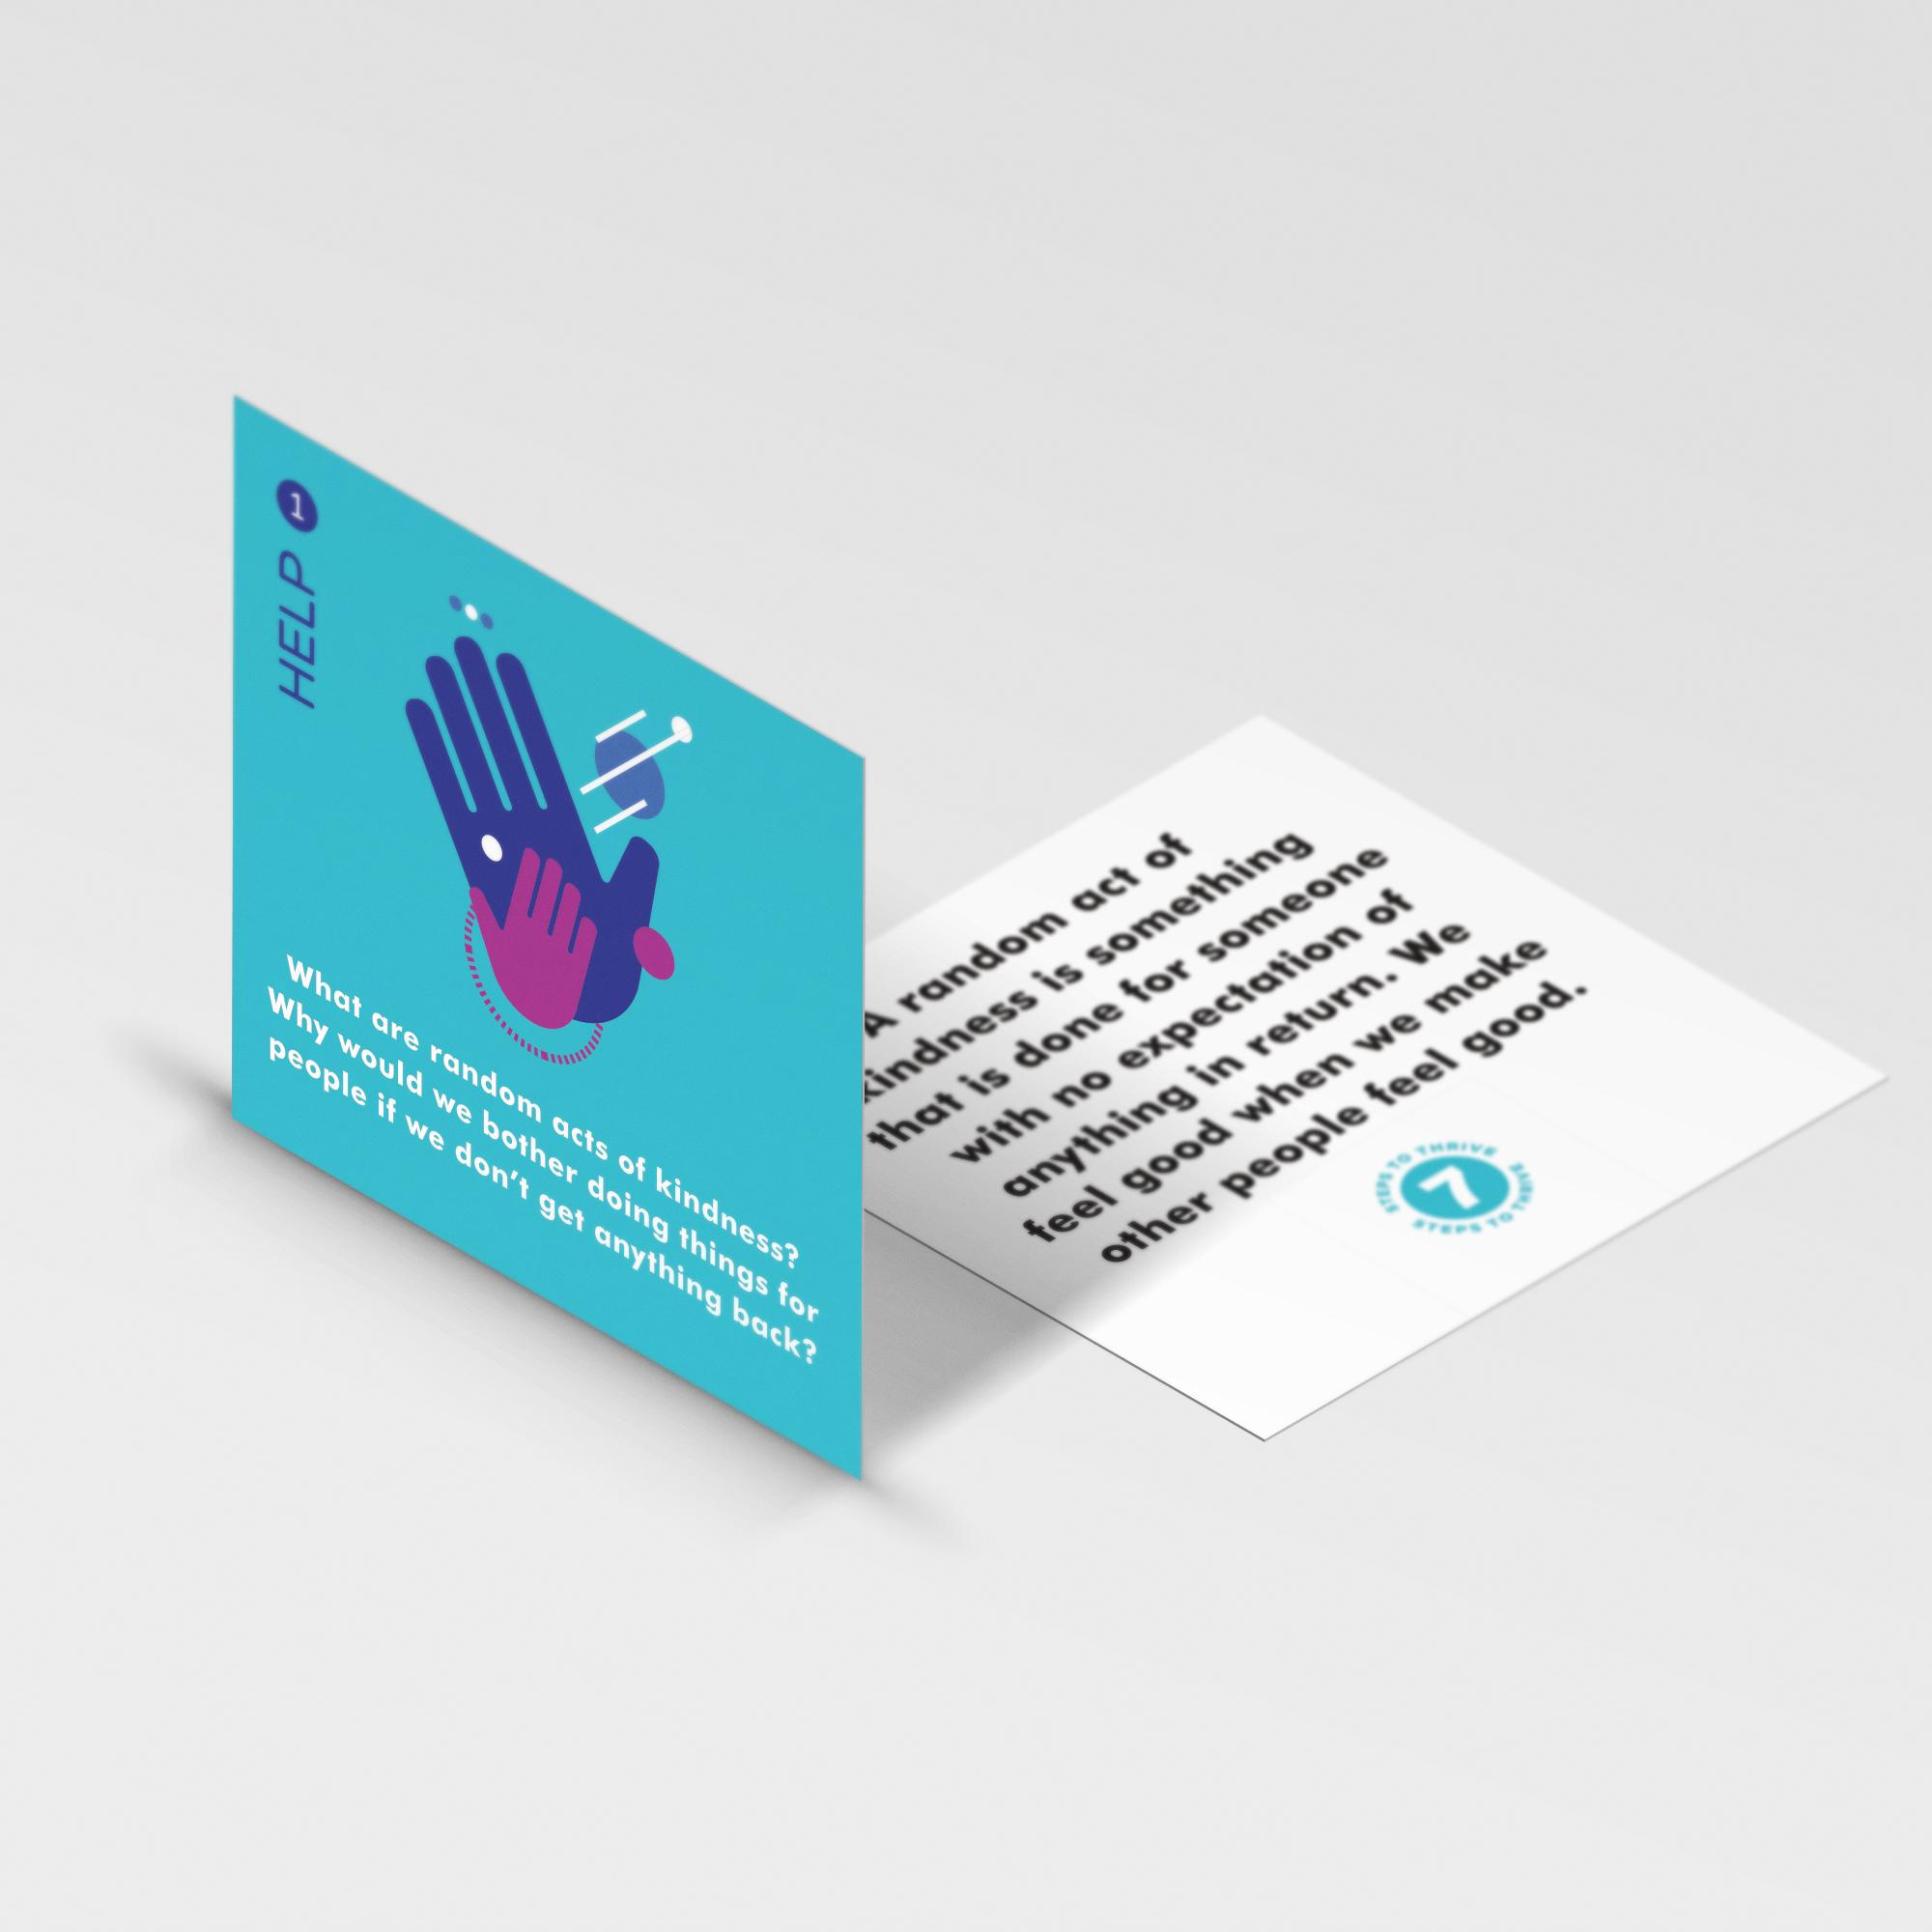 mockup_cards_v3_2.jpg